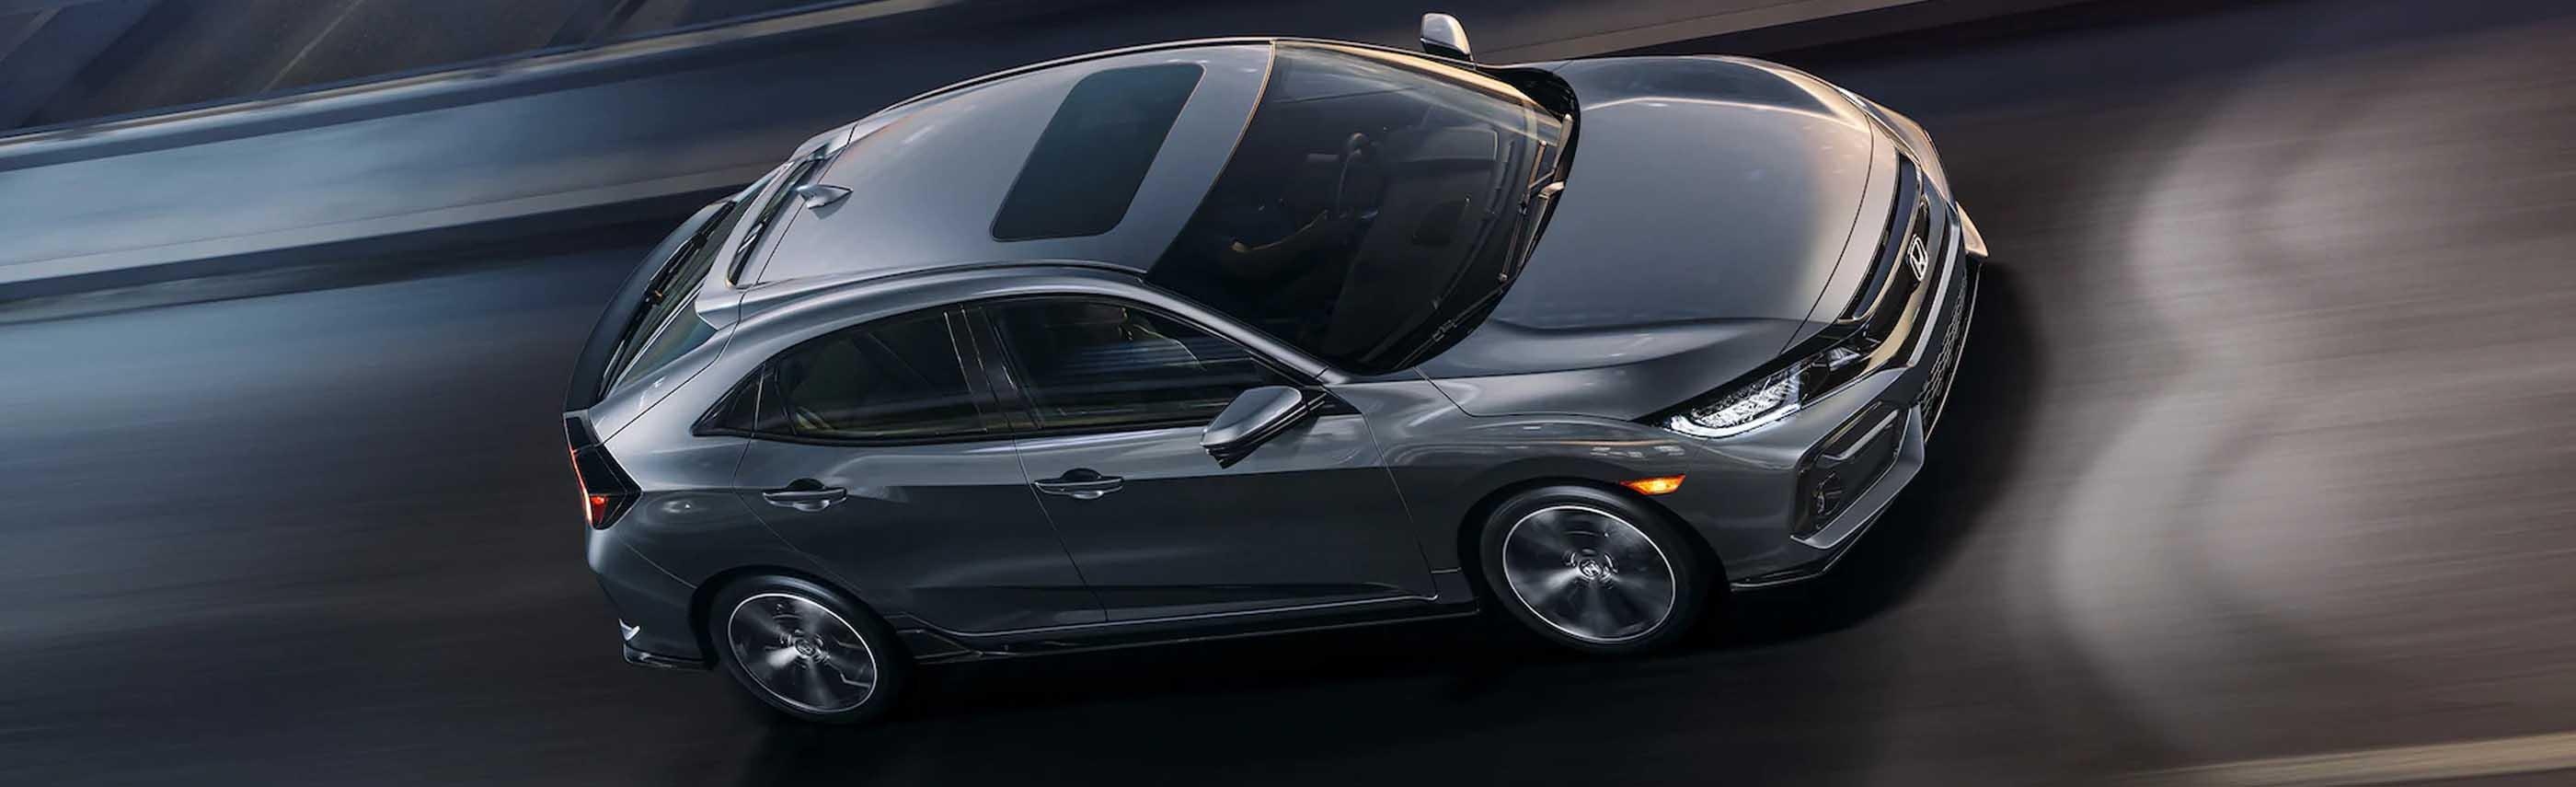 Snag A 2020 Civic Hatchback From Our Corpus Christi, Texas, Honda Dealer